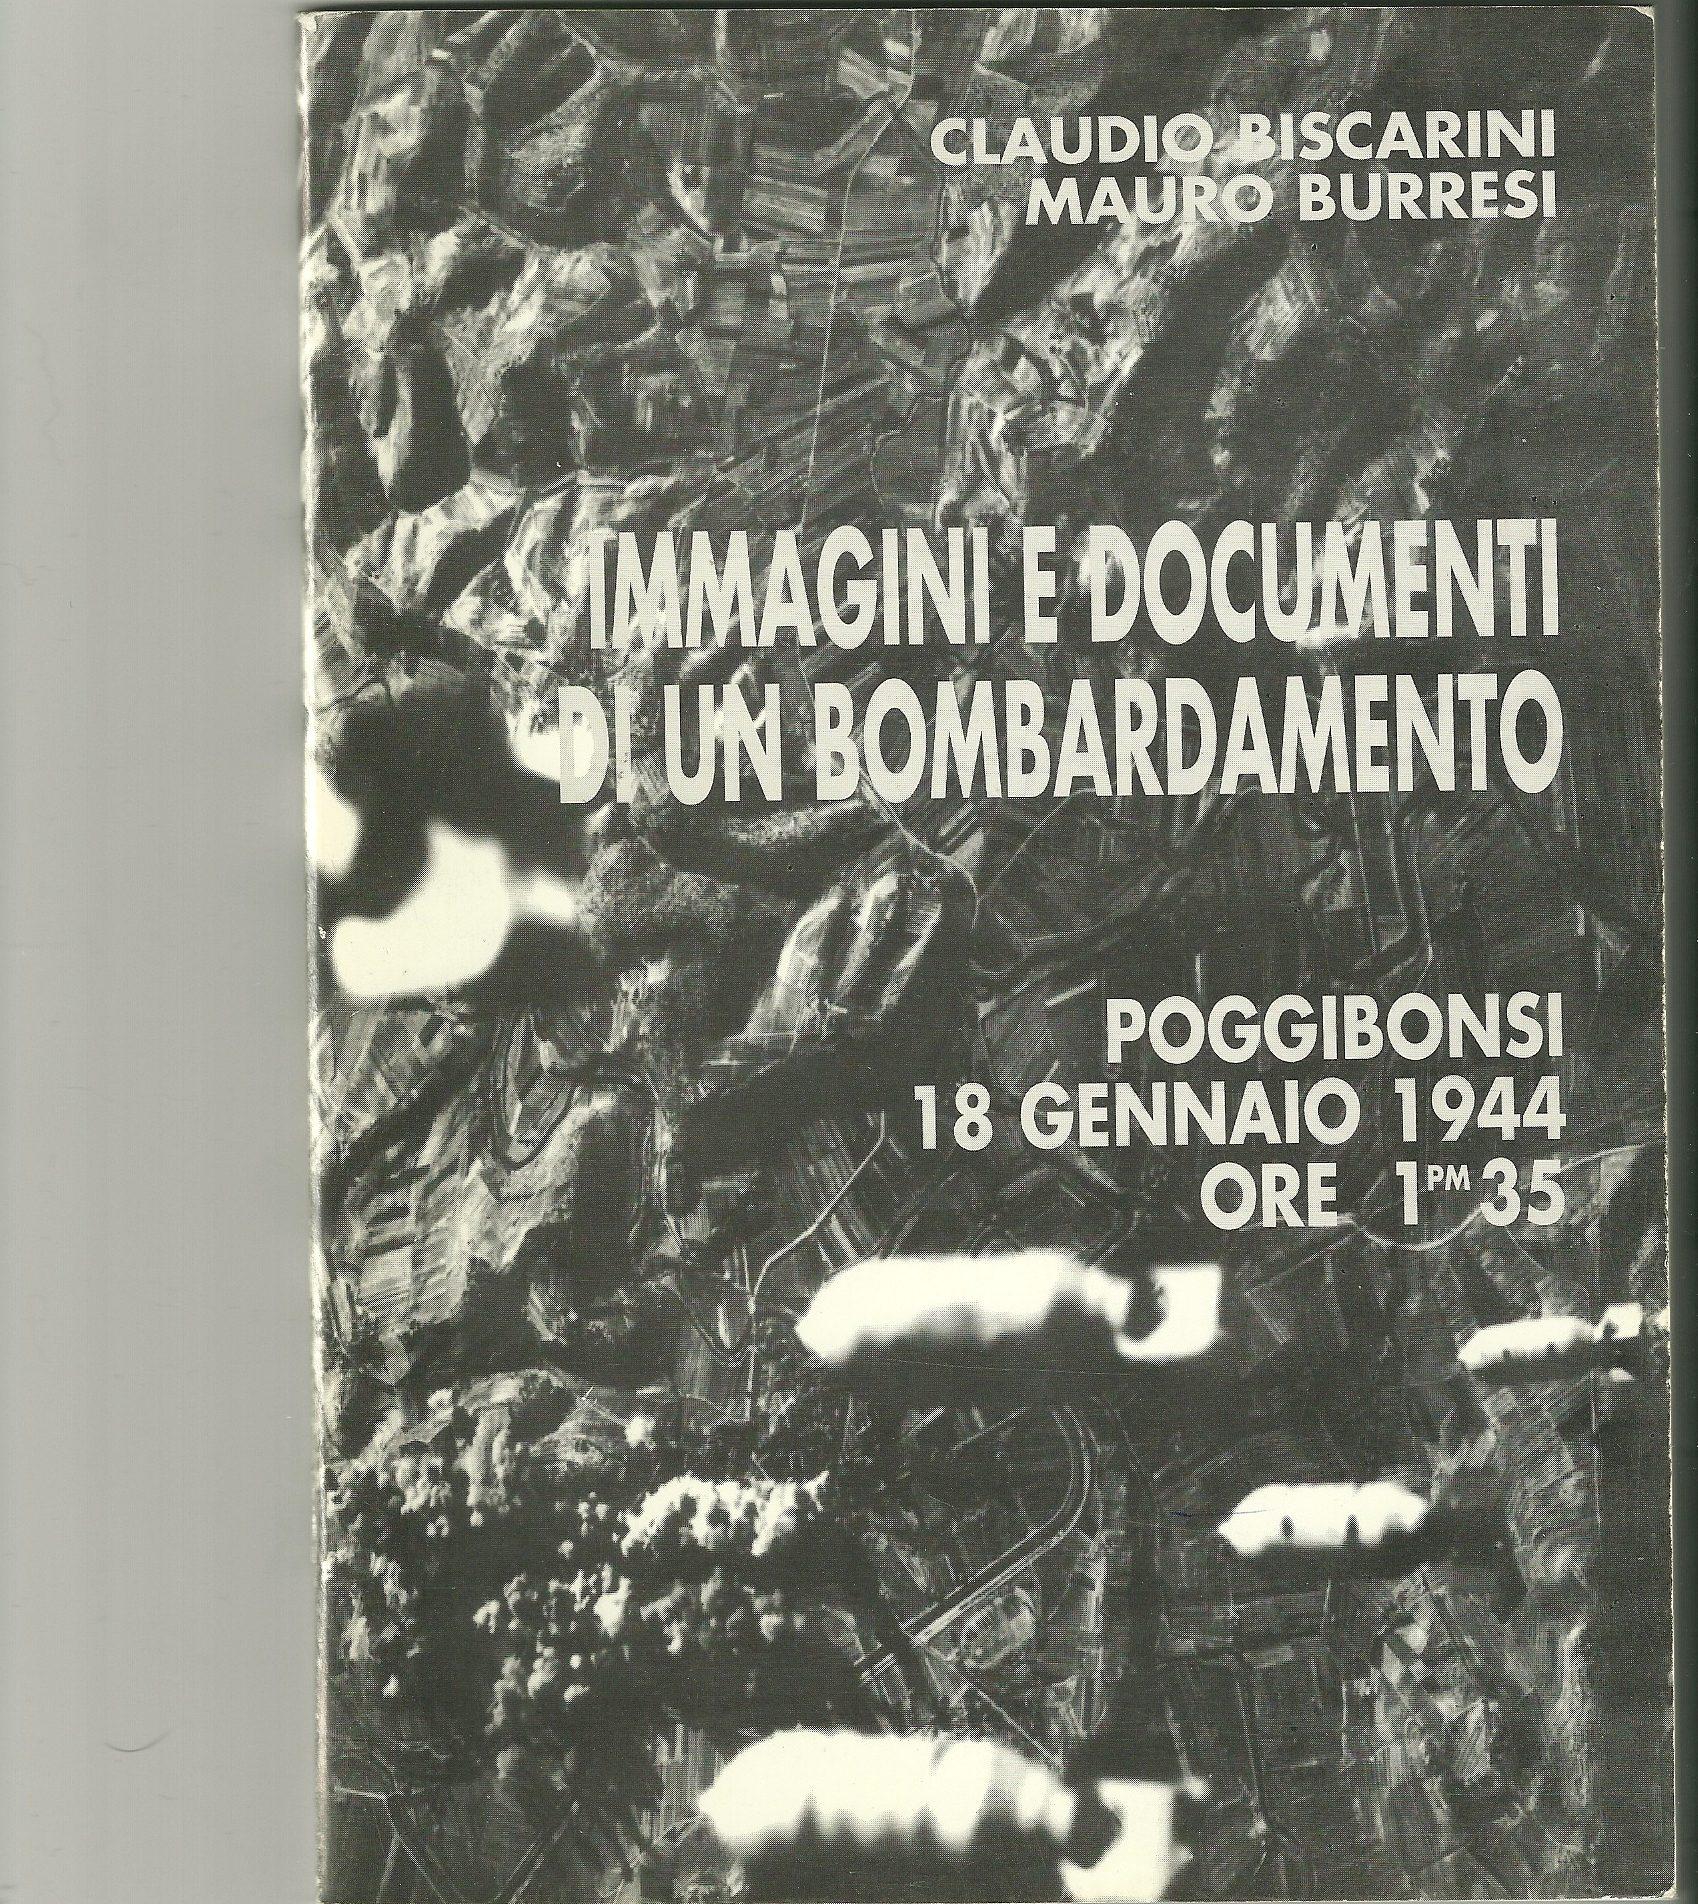 Claudio Biscarini: Bombs Away!